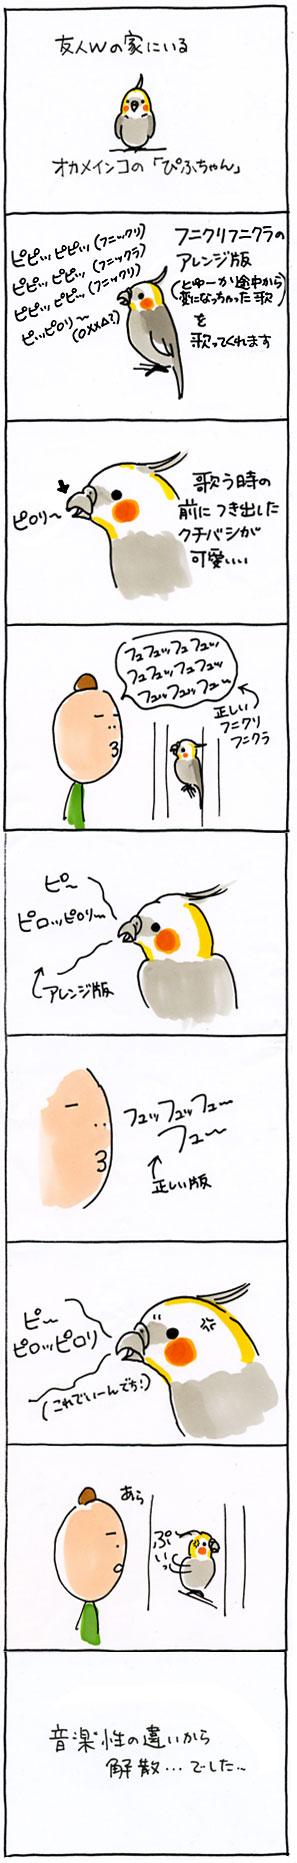 ぴふちゃん